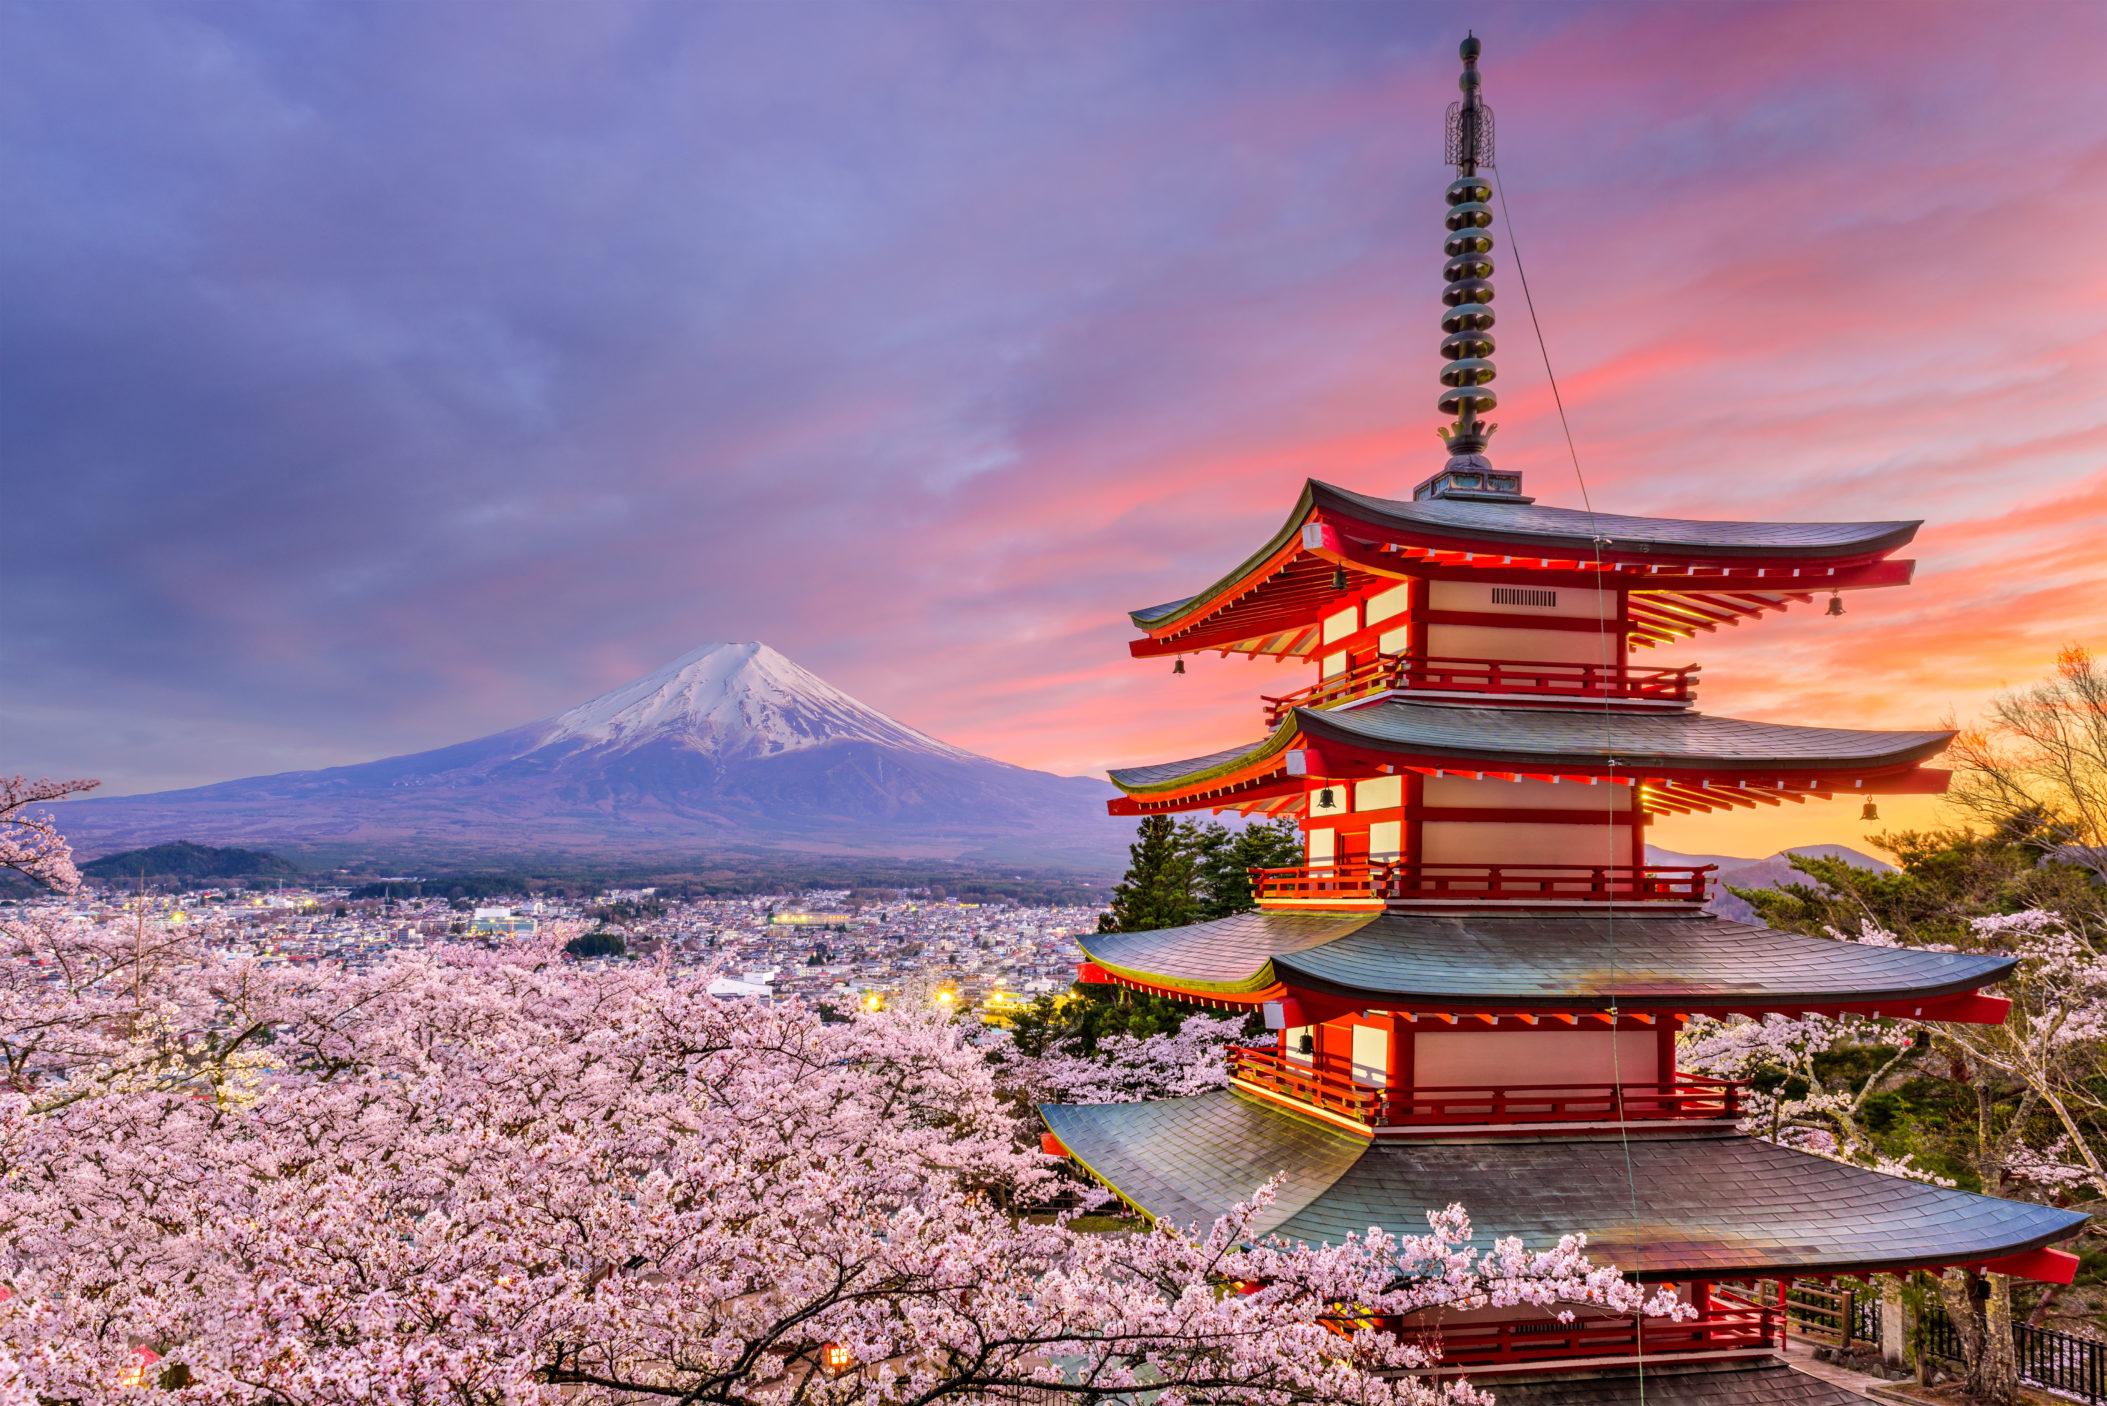 Japan [Shutterstock]